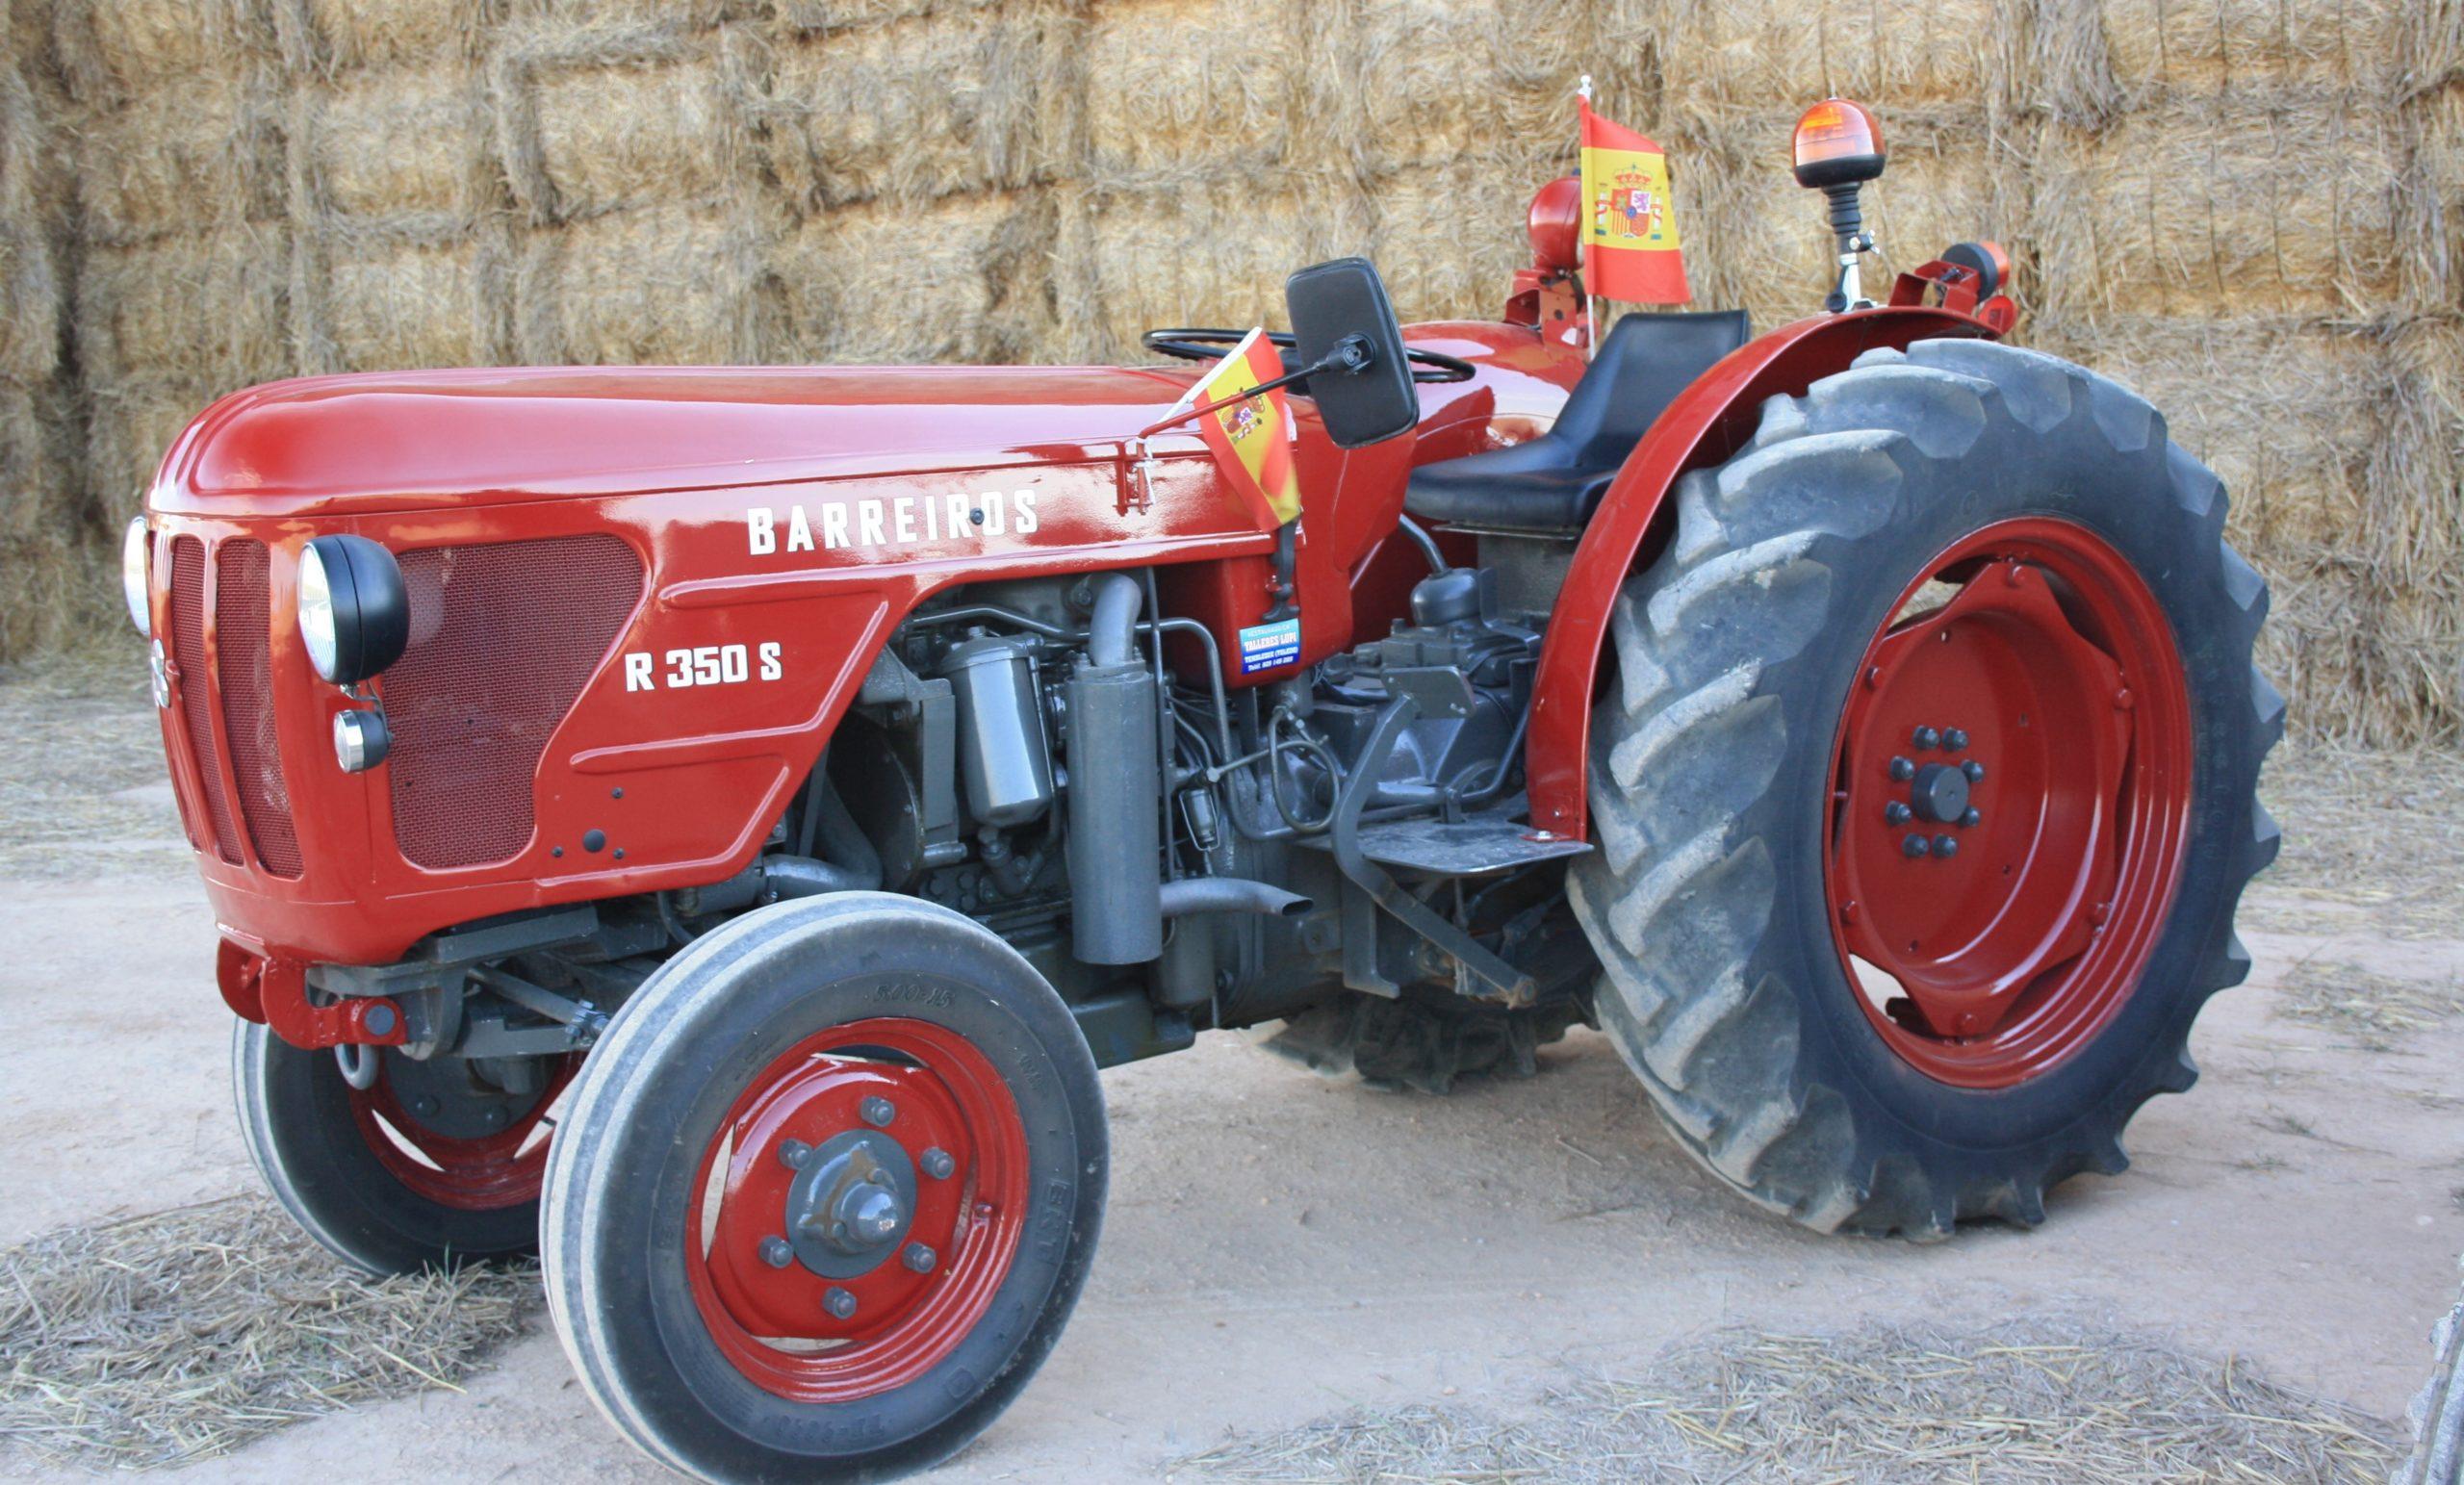 Tractores Barreiros: historia de un imperio hundido y un legado para el recuerdo